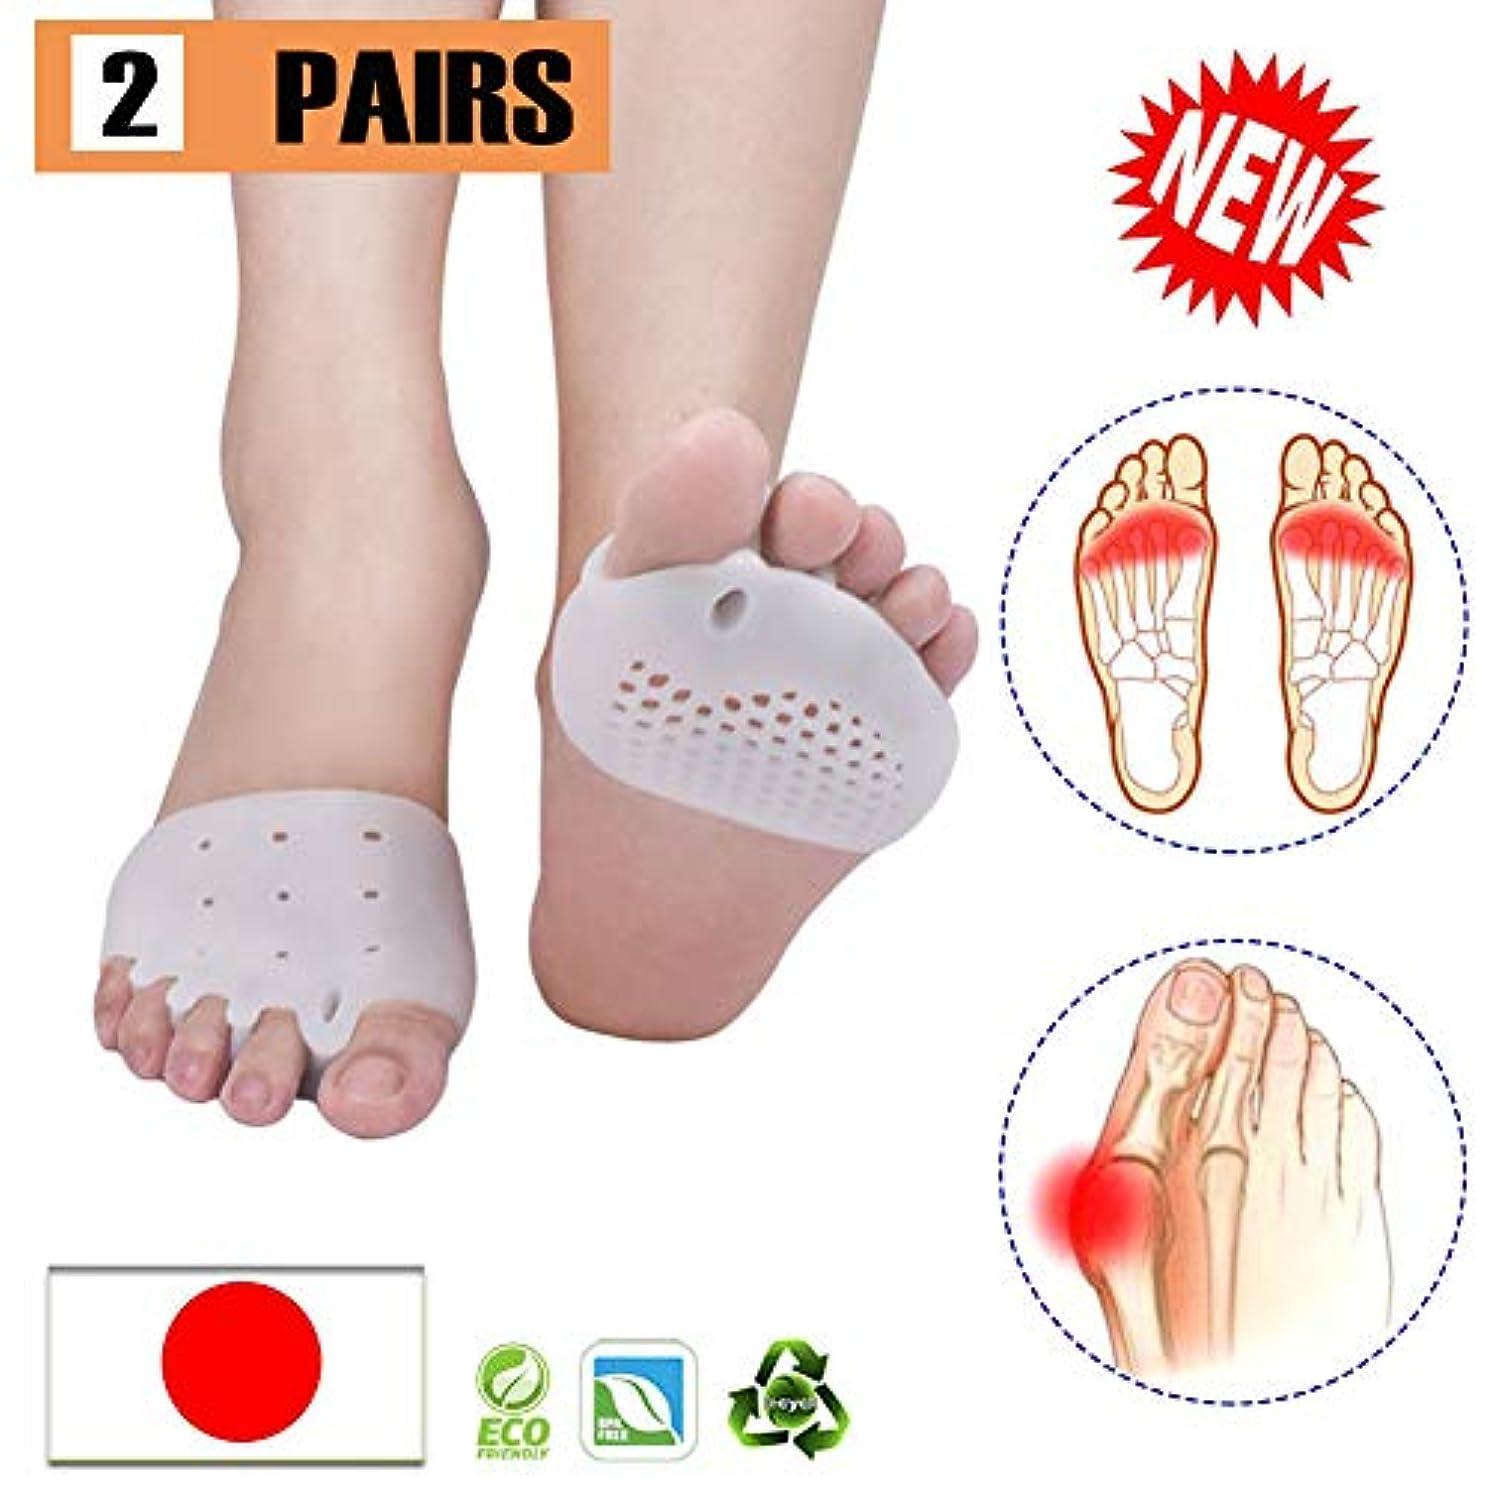 レルムマチュピチュ構築するPnrskter足裏保護パッド 中足前足パッド 通気性 柔らかい ジェル 糖尿病の足に最適 カルス 水疱 前足痛 男性のための両方の足に使用することができます (白(4ピース))